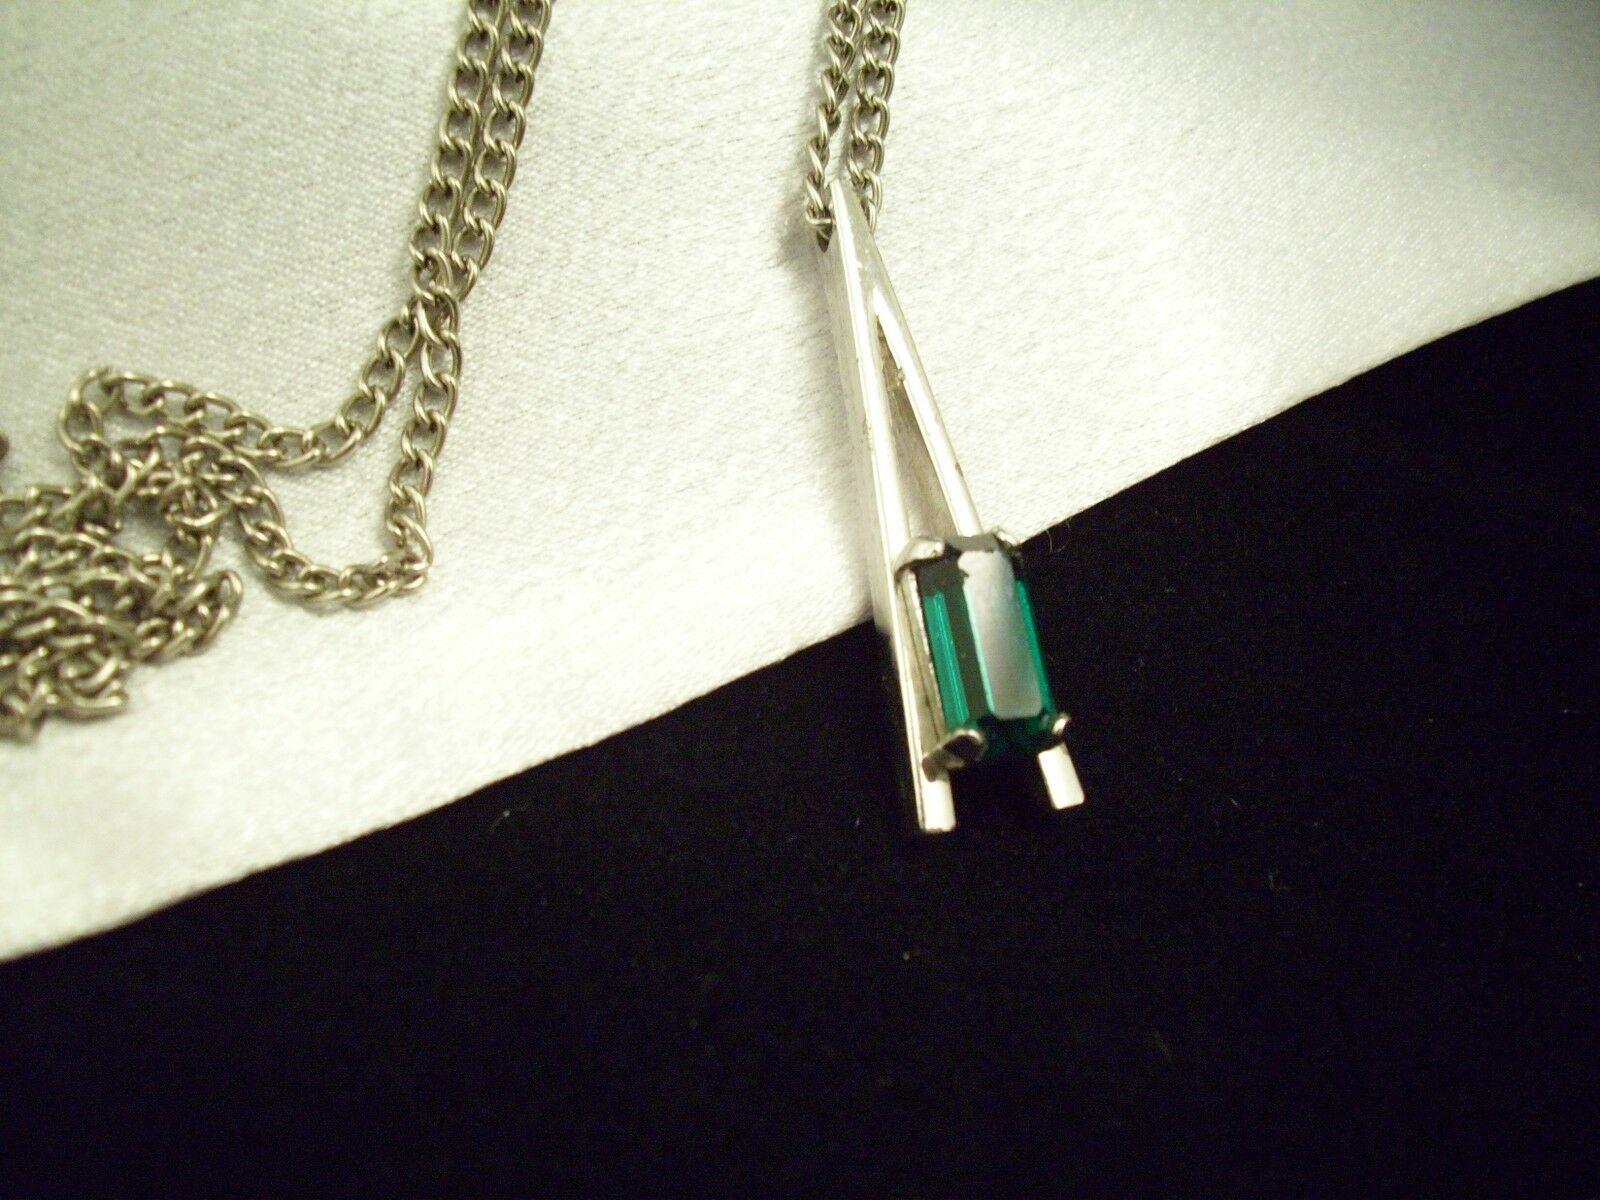 AVON Emerald GREEN Baguette Cut Rhinestone Pendant Necklace PARK EAST Vintage